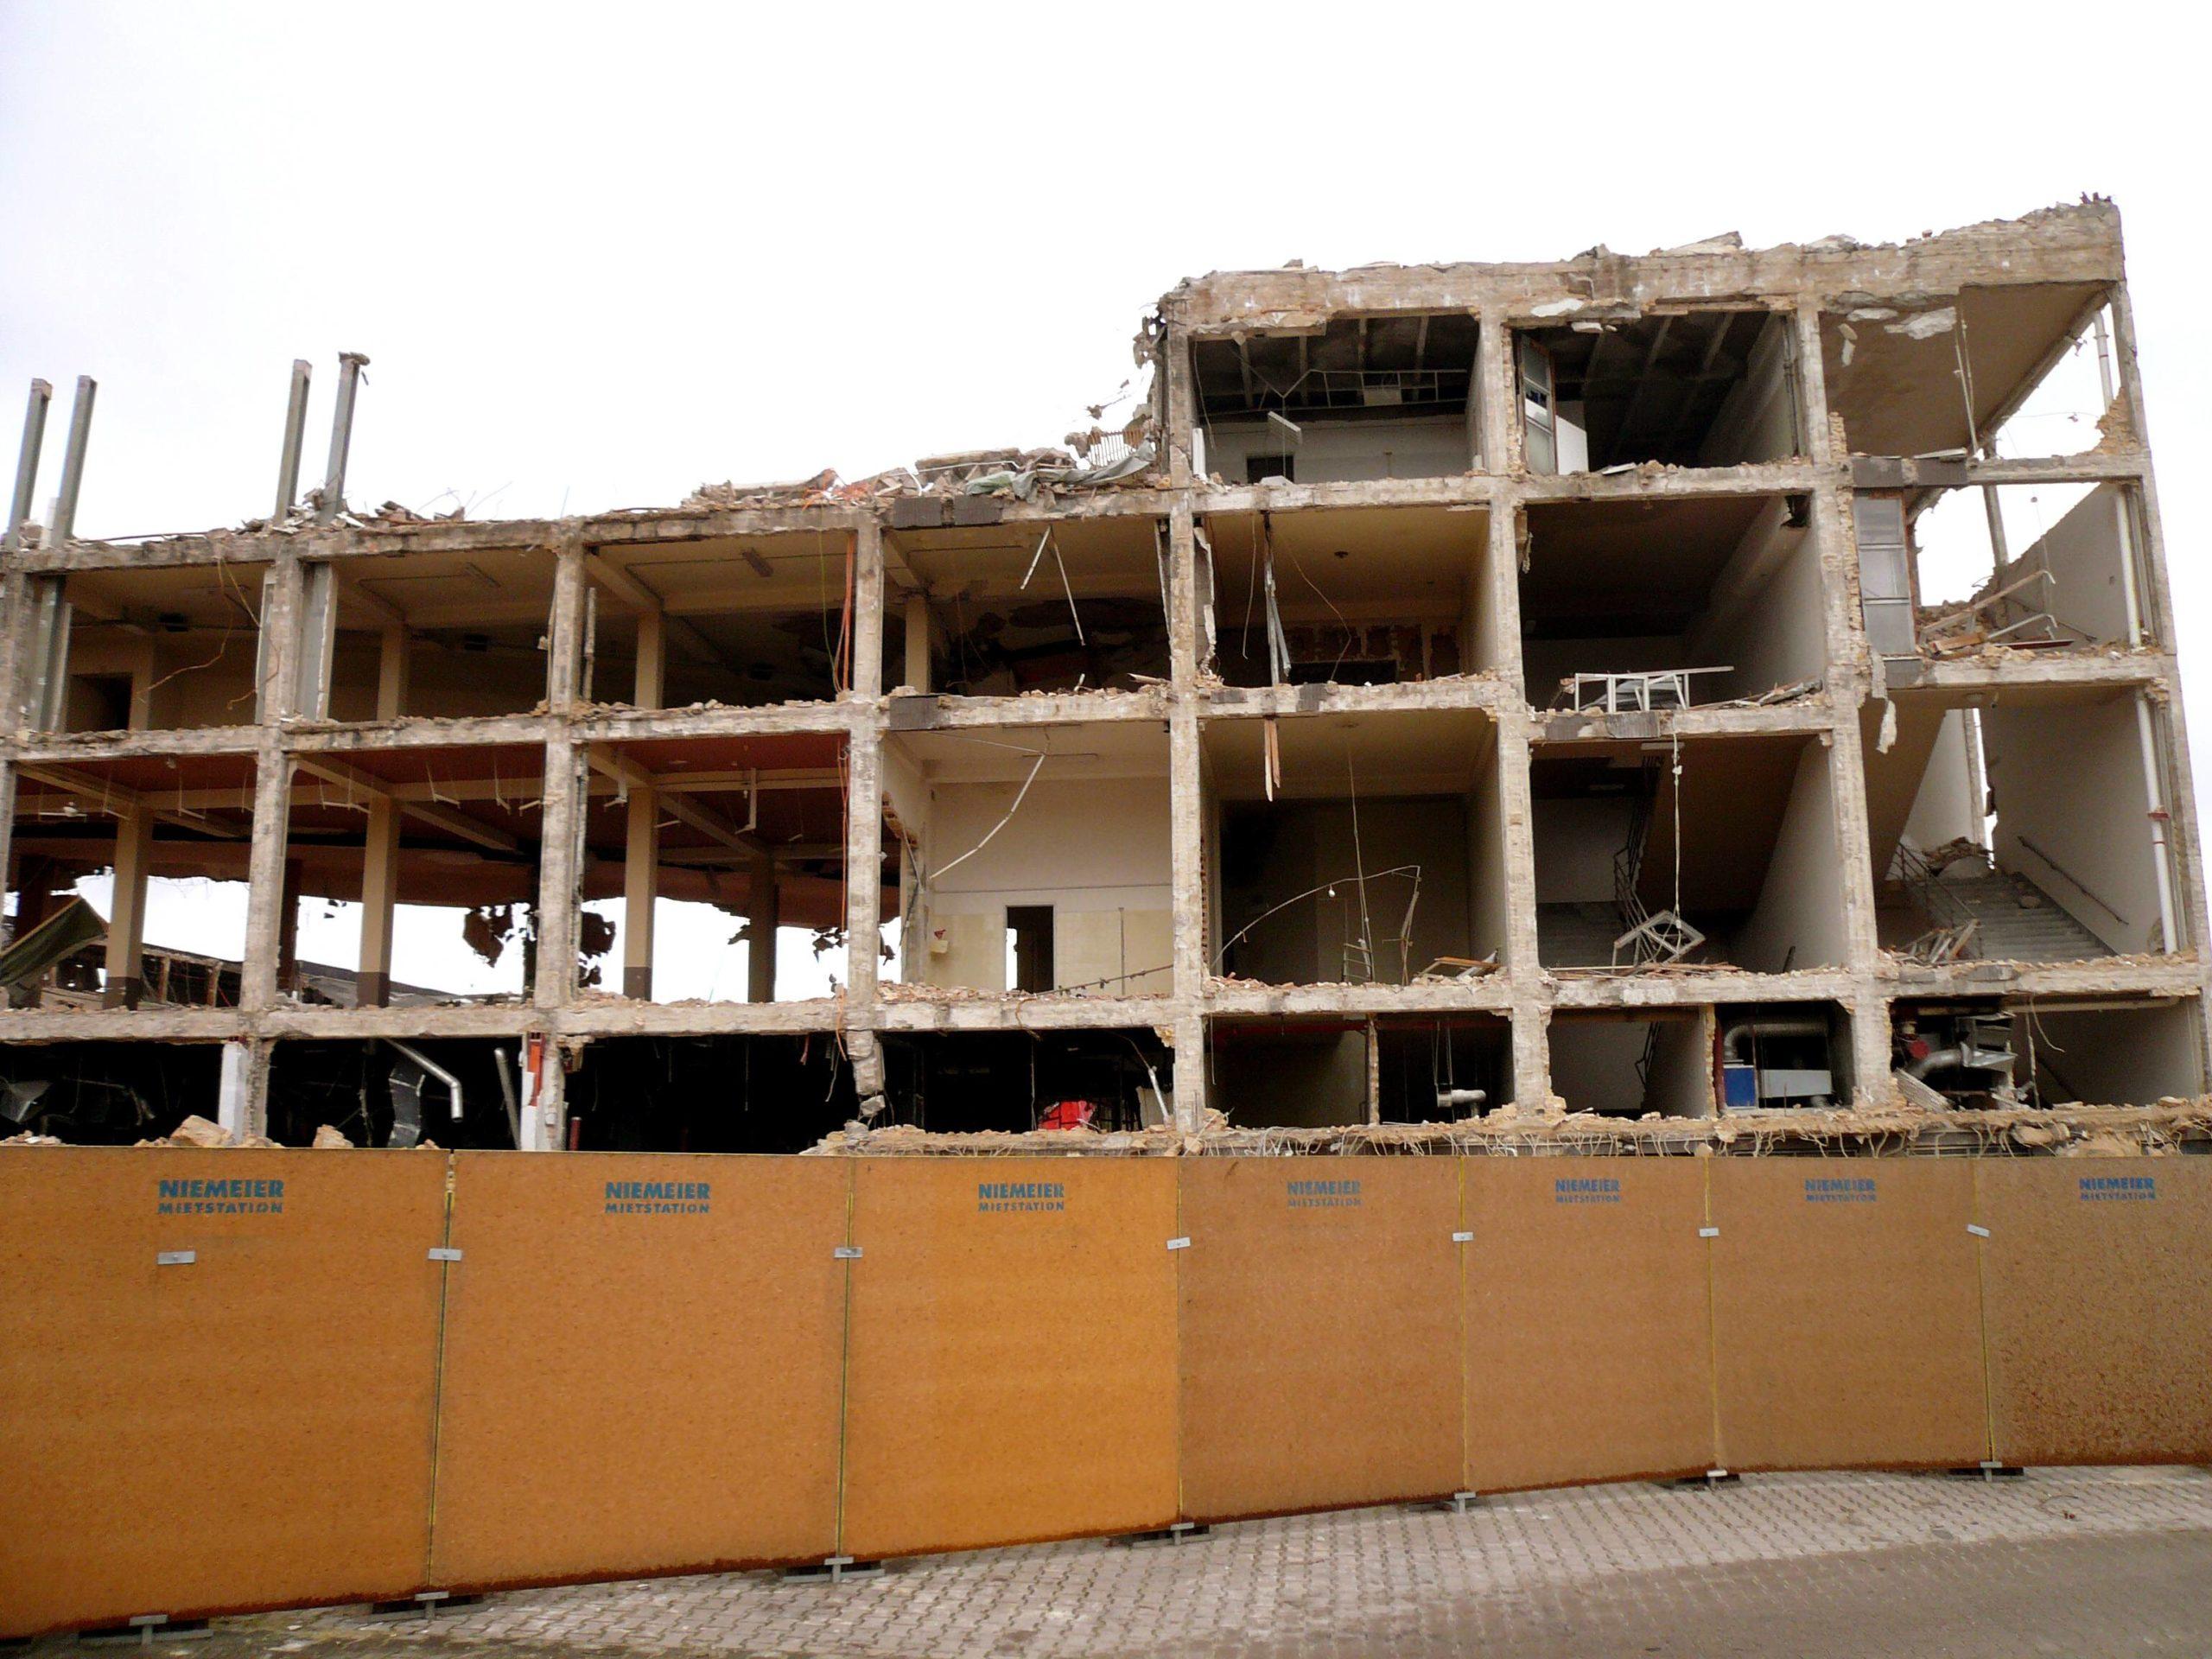 Sprengungen in Berlin: Reste der gesprengten Deutschlandhalle warten auf den Abriss und Abtransport, Januar 2012. Foto: Imago/Rech